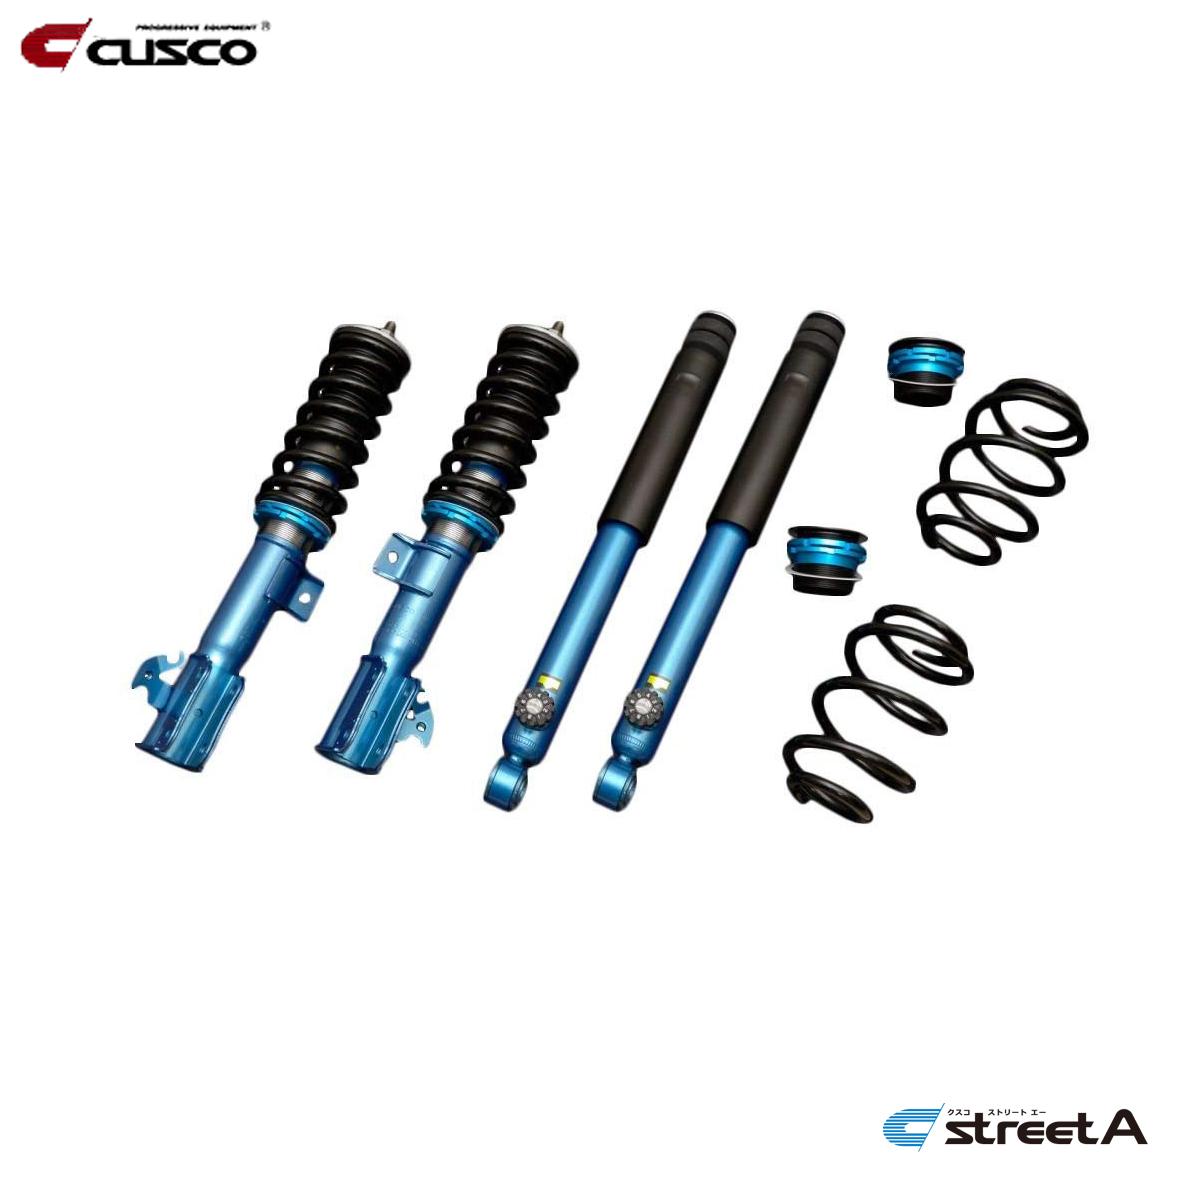 CUSCO クスコ タントエグゼ L455S 車高調 全長固定式 780-62J-CB